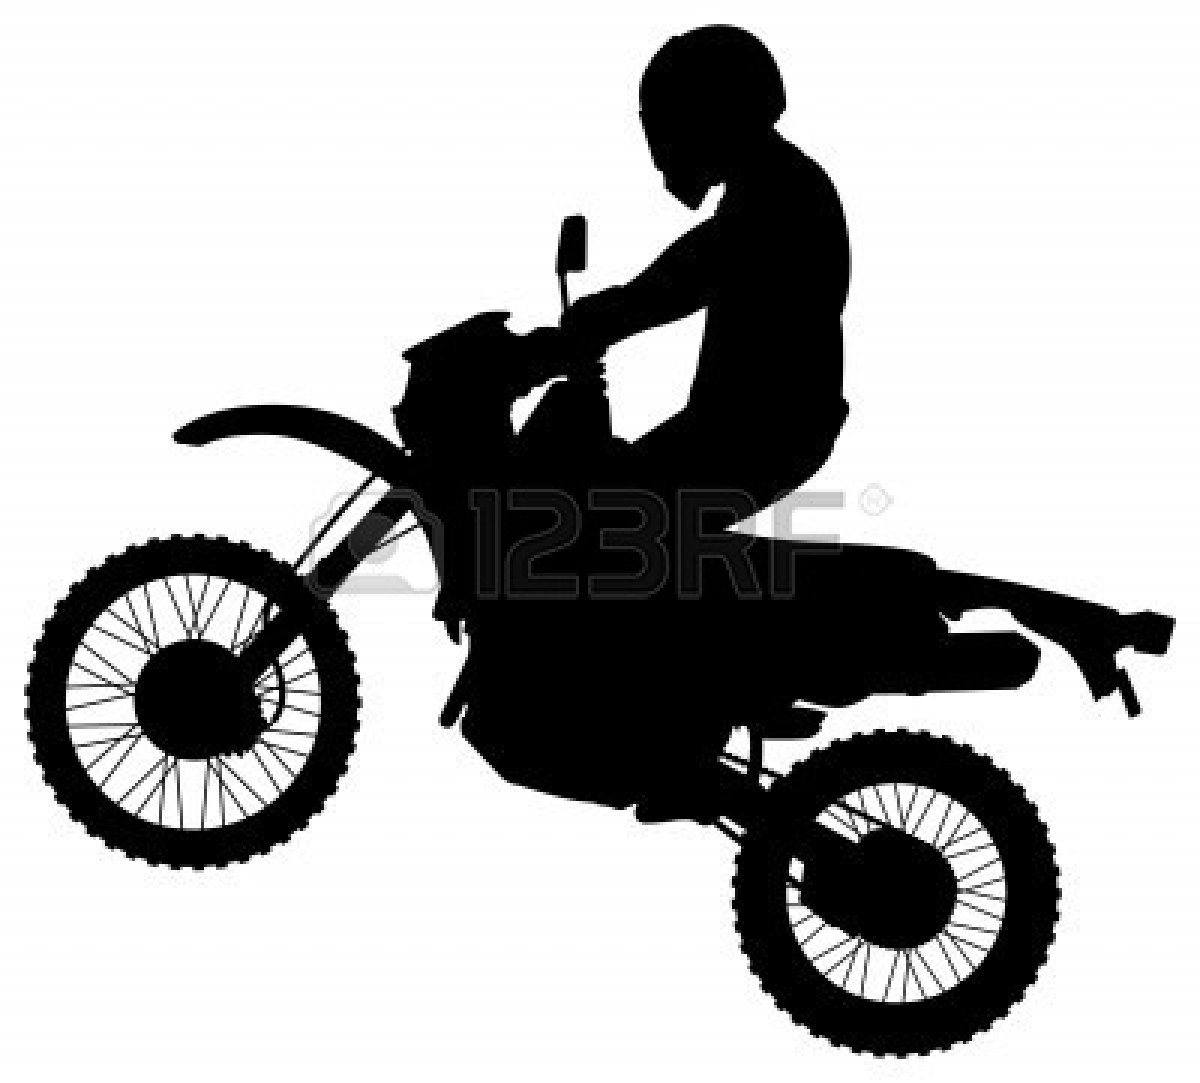 dirt bike clipart black and white-dirt bike clipart black and white-16